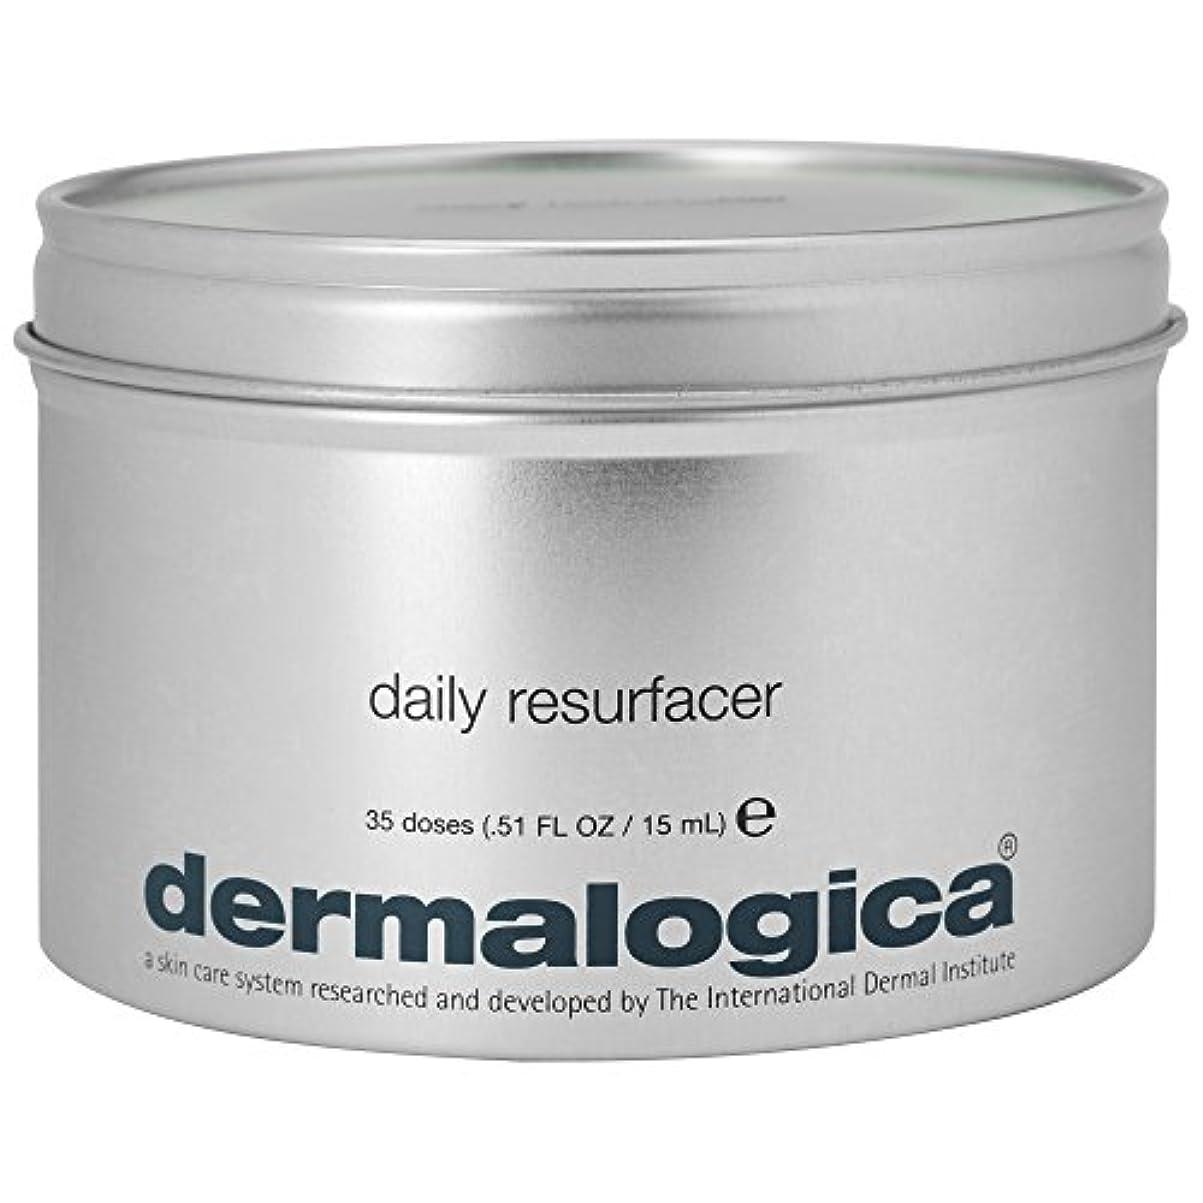 ご飯ボート提供された35のダーマロジカ毎日Resurfacerパック (Dermalogica) (x2) - Dermalogica Daily Resurfacer Pack of 35 (Pack of 2) [並行輸入品]